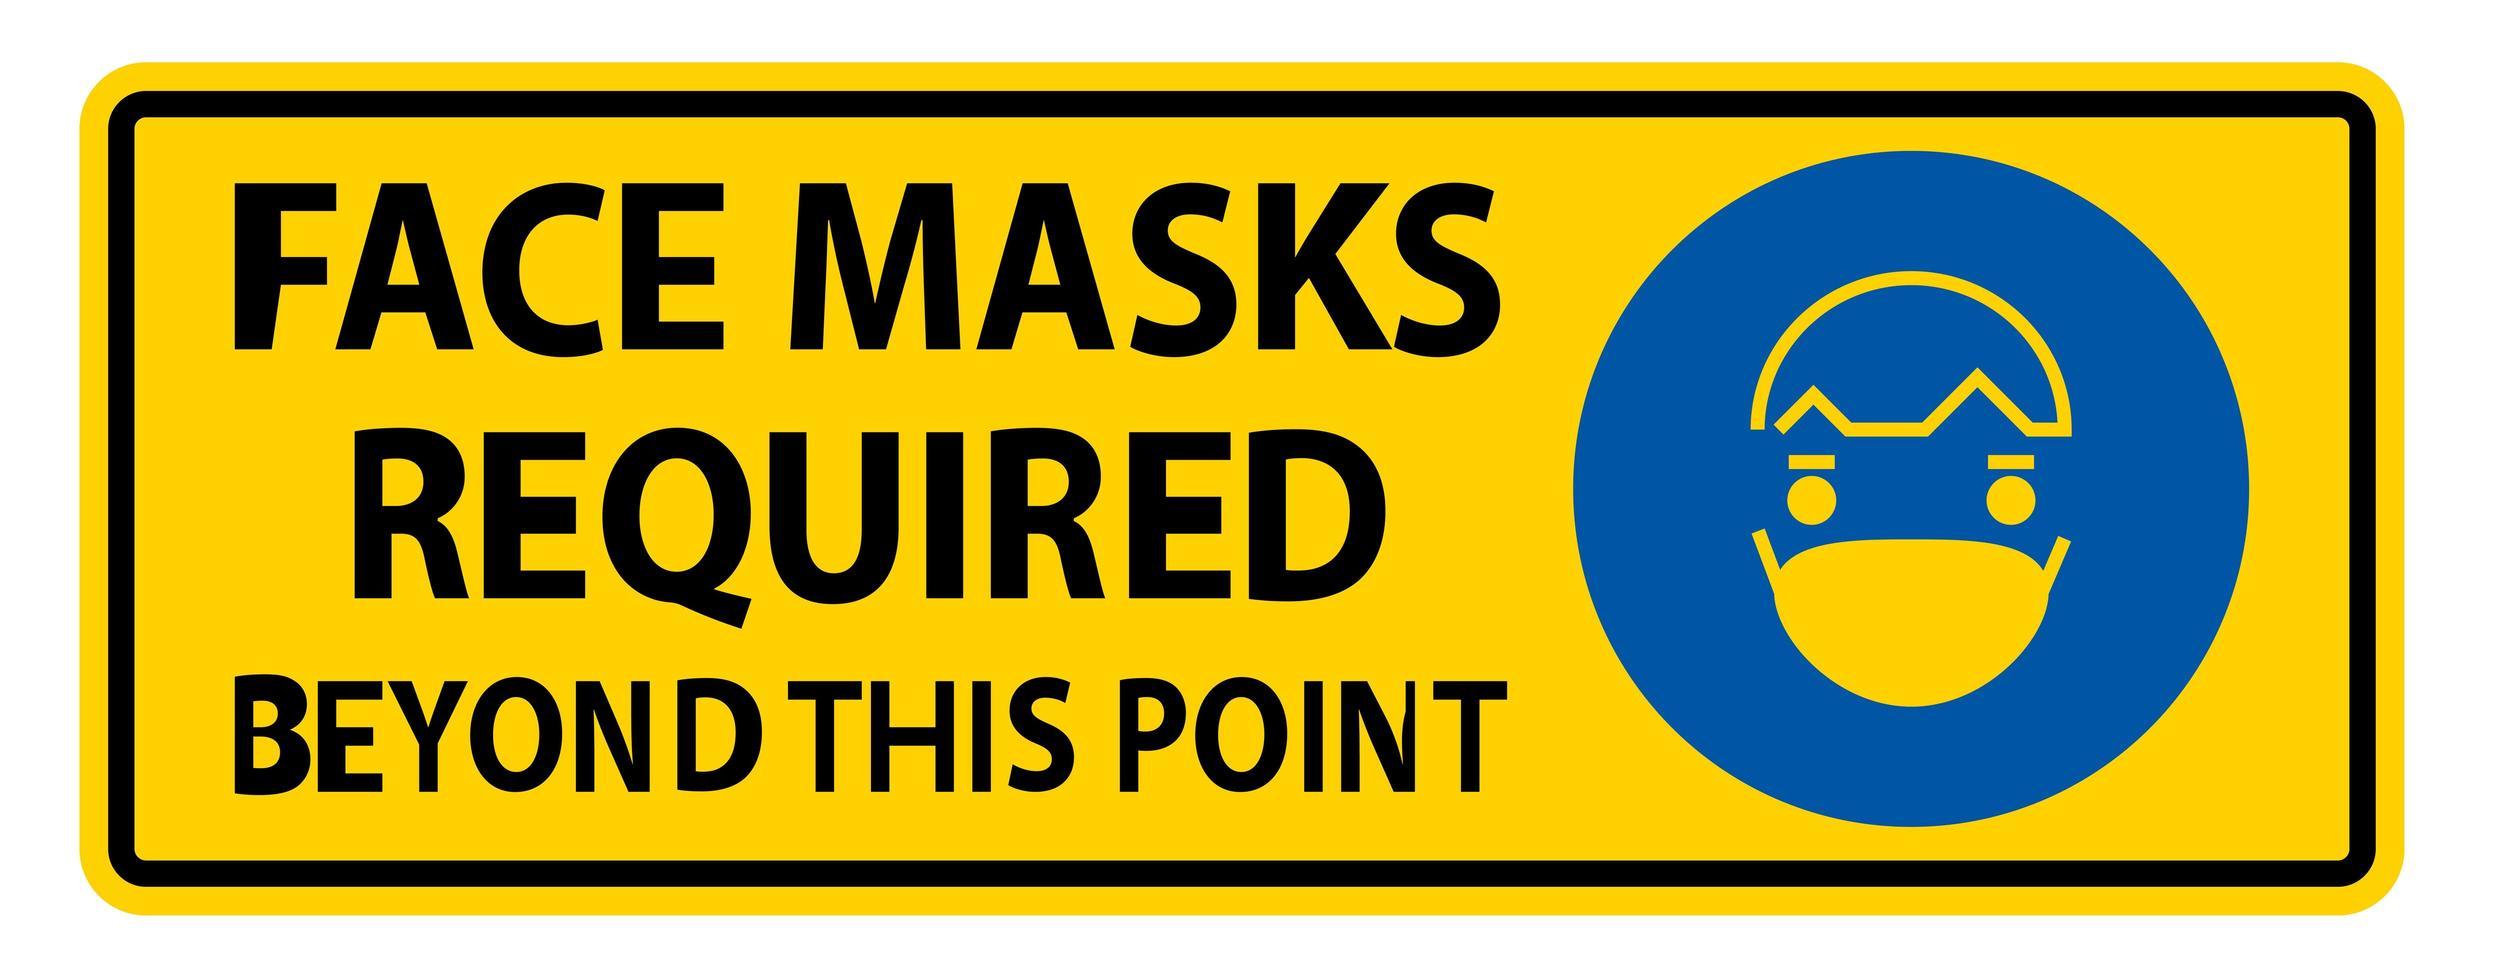 ansiktsmasker som krävs utöver denna punkt vektor